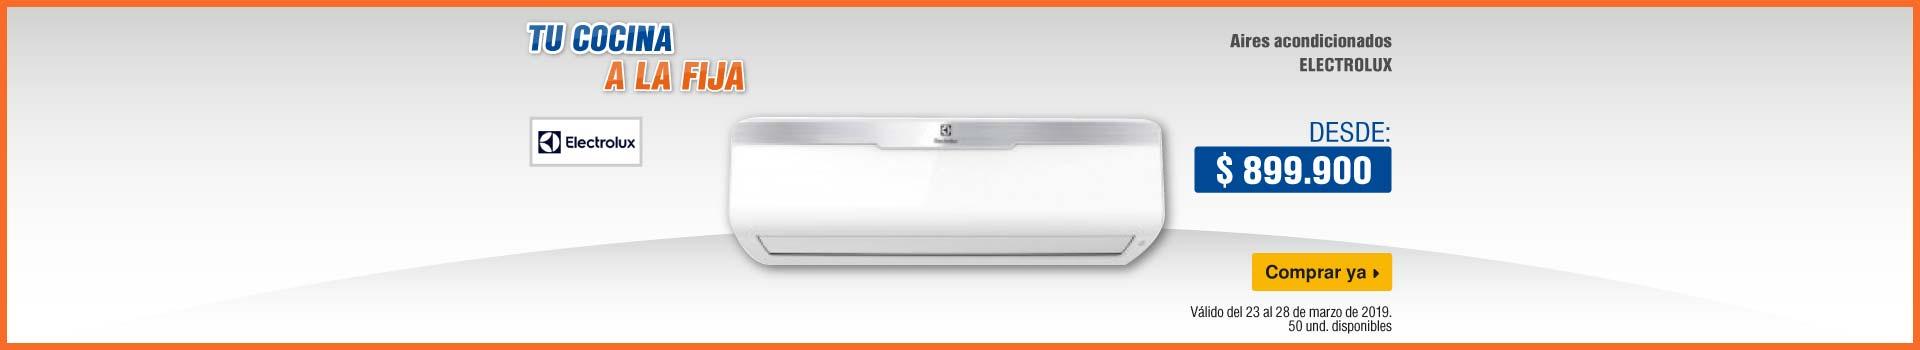 AK-KT-mayores-2-ELECT-BCAT-climatizacion-ELECTROLUX-230319